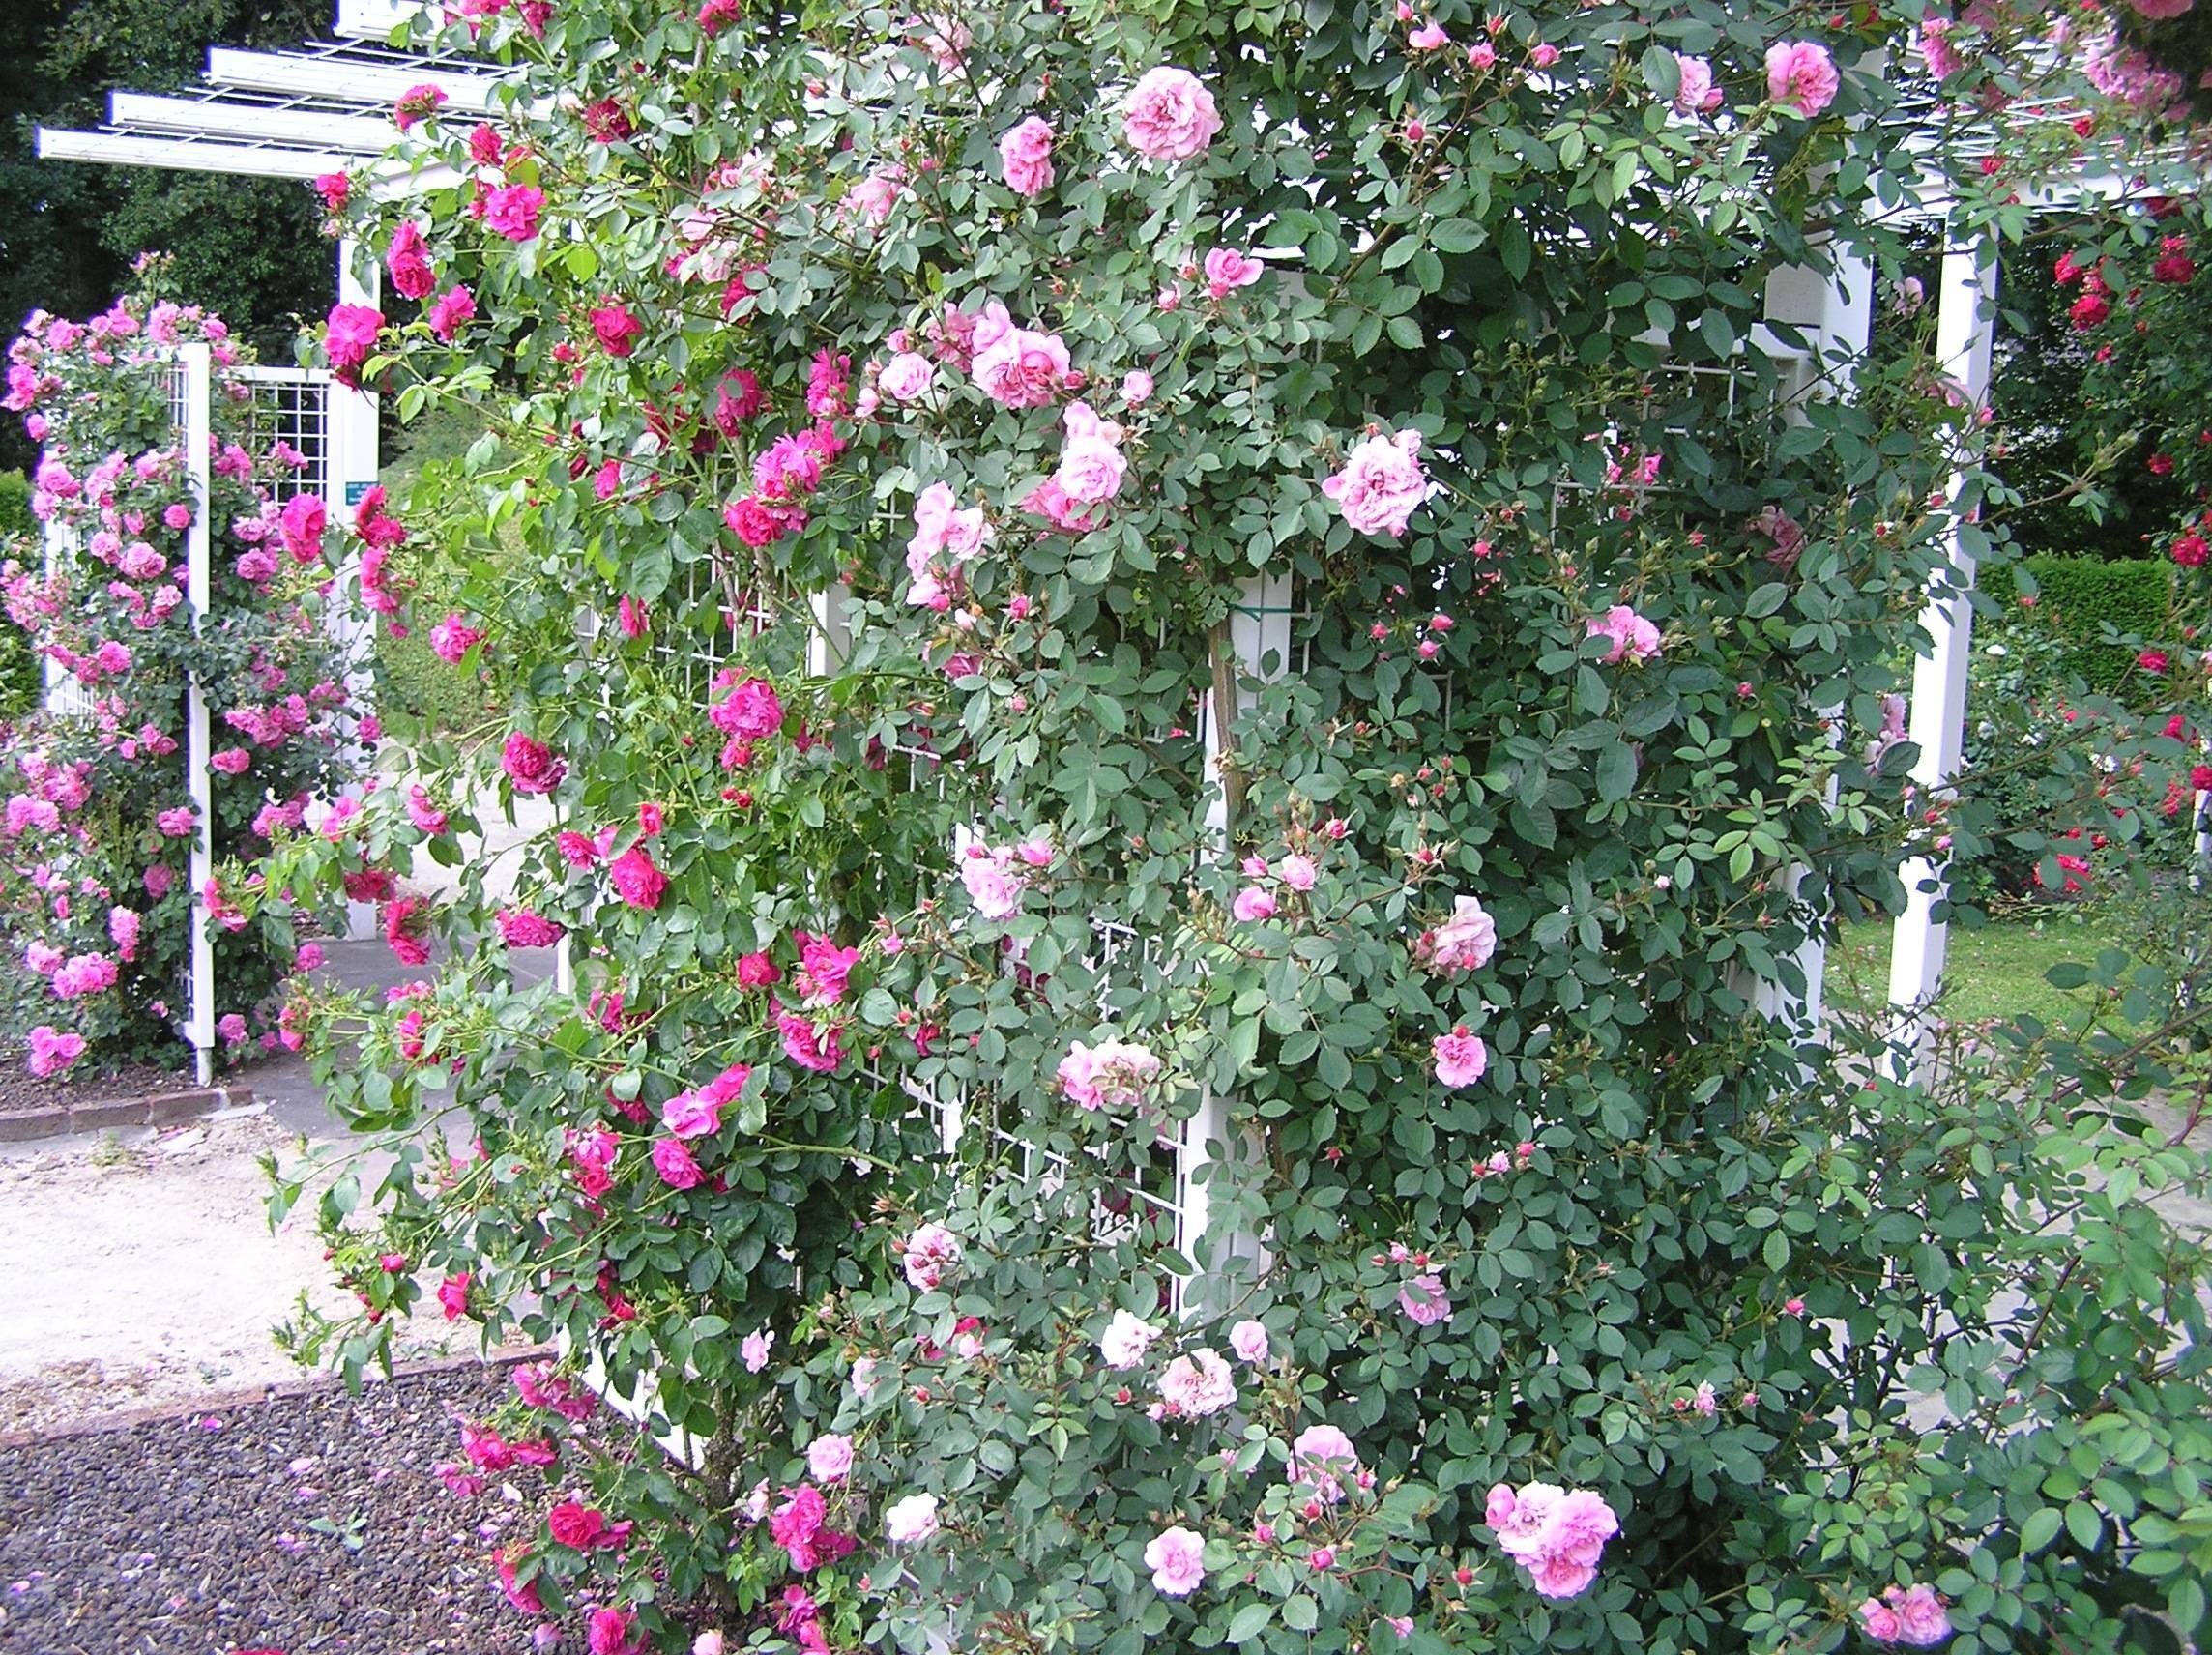 Описание канадской парковой розы джон франклин: как выращивать, правила ухода